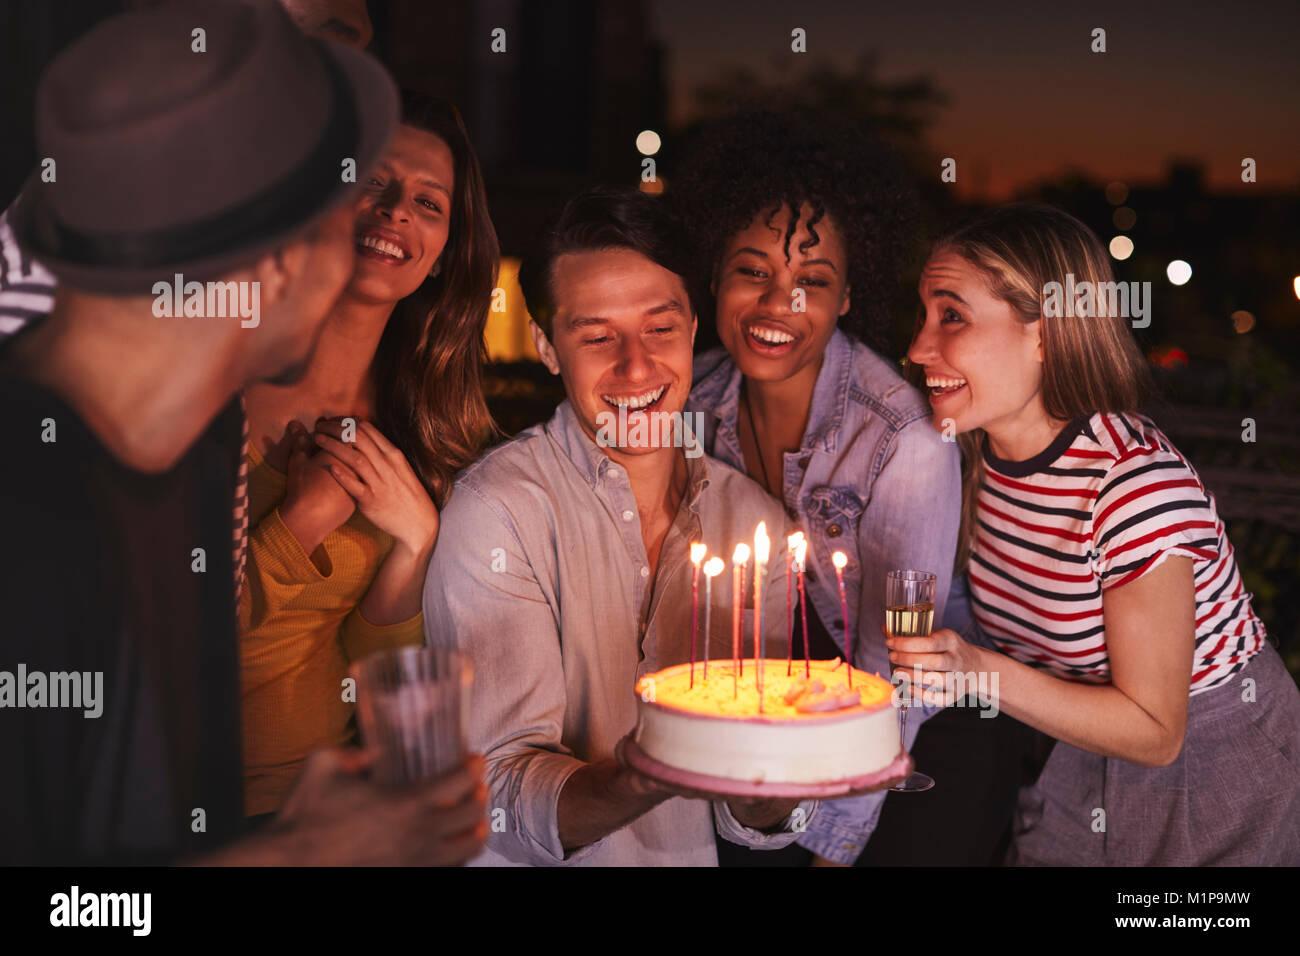 Los Adultos Jovenes Que Celebra Con Una Tarta De Cumpleanos En Un - Celebracion-cumpleaos-adultos